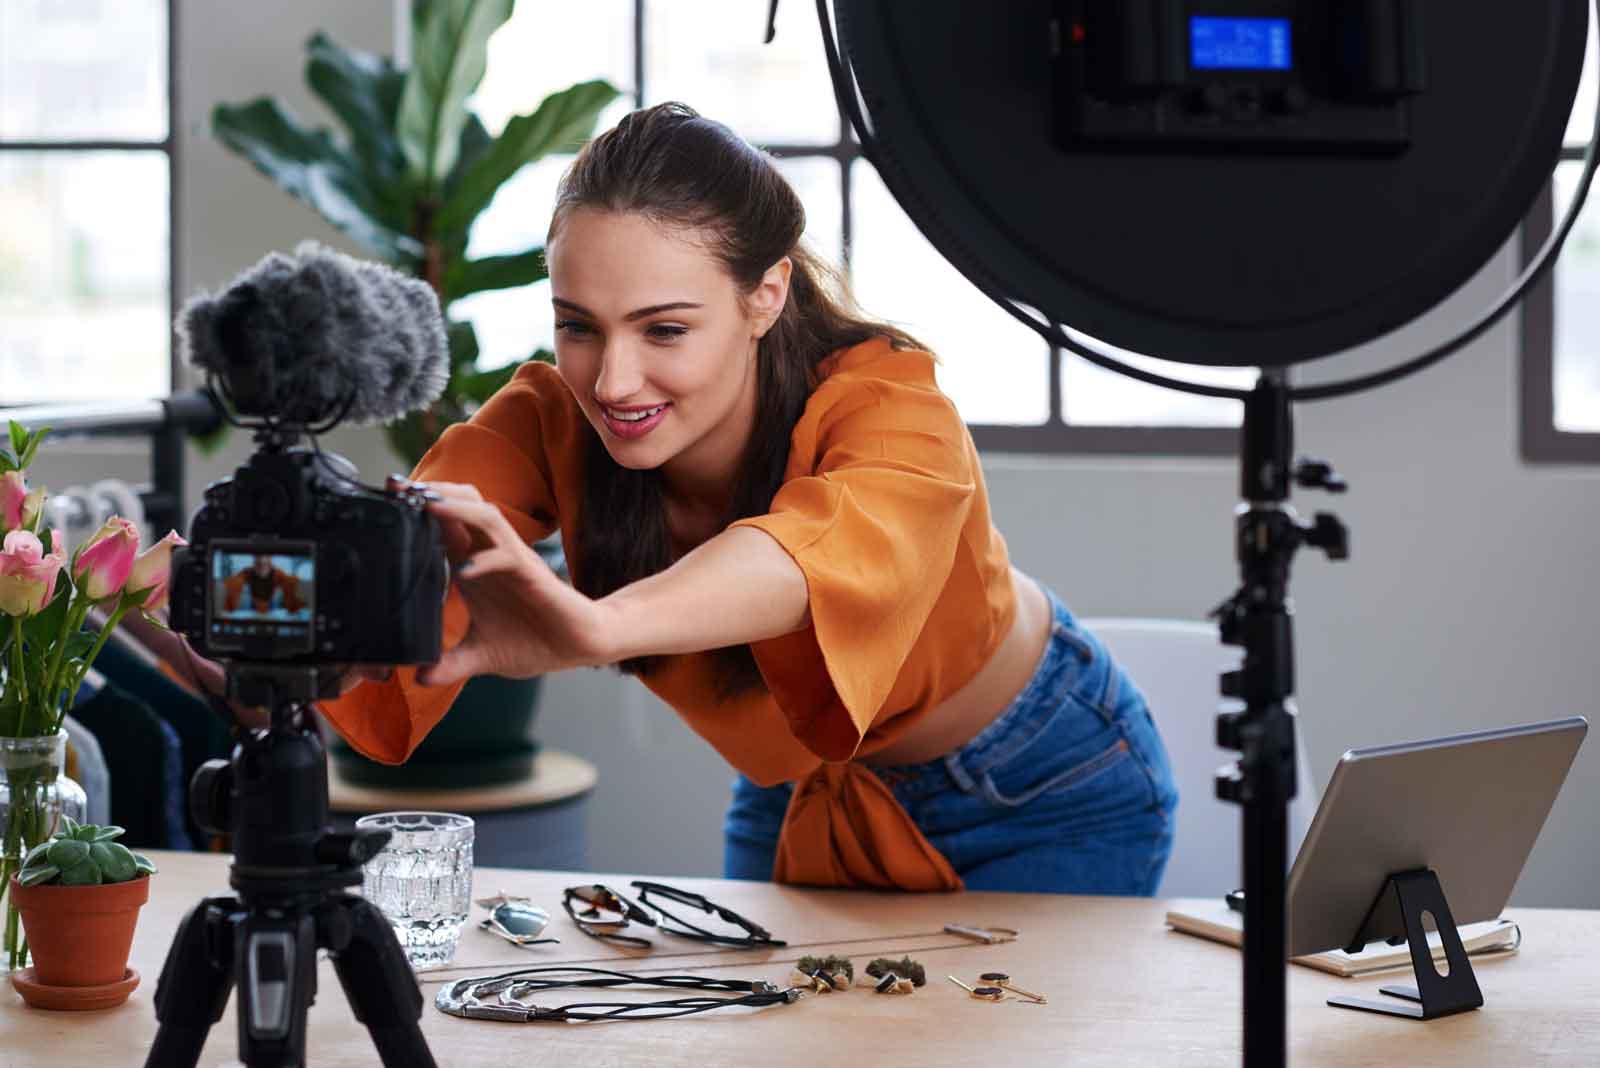 How to Make Money as a Filmmaker